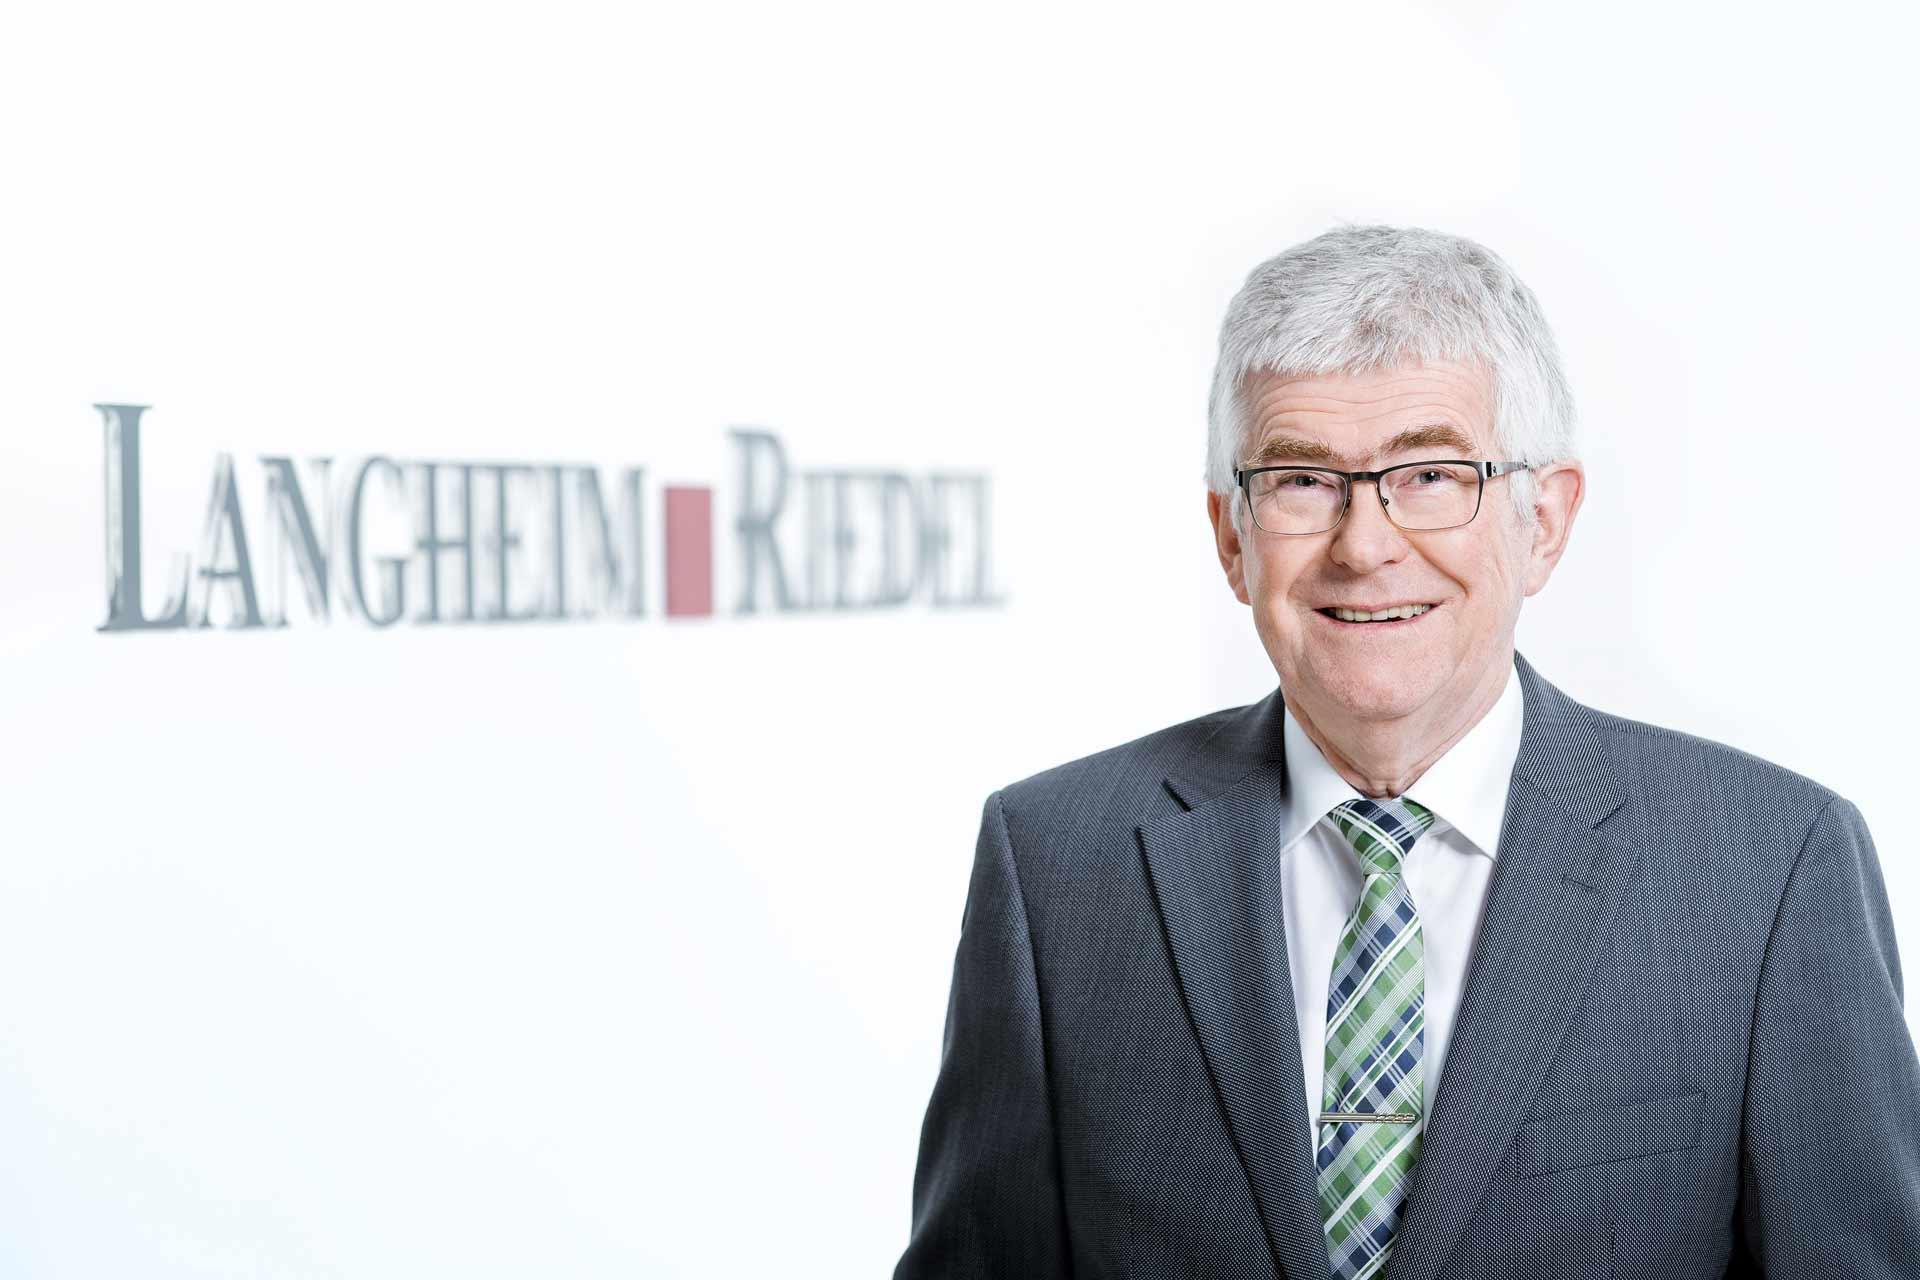 Wolfgang Meichsner